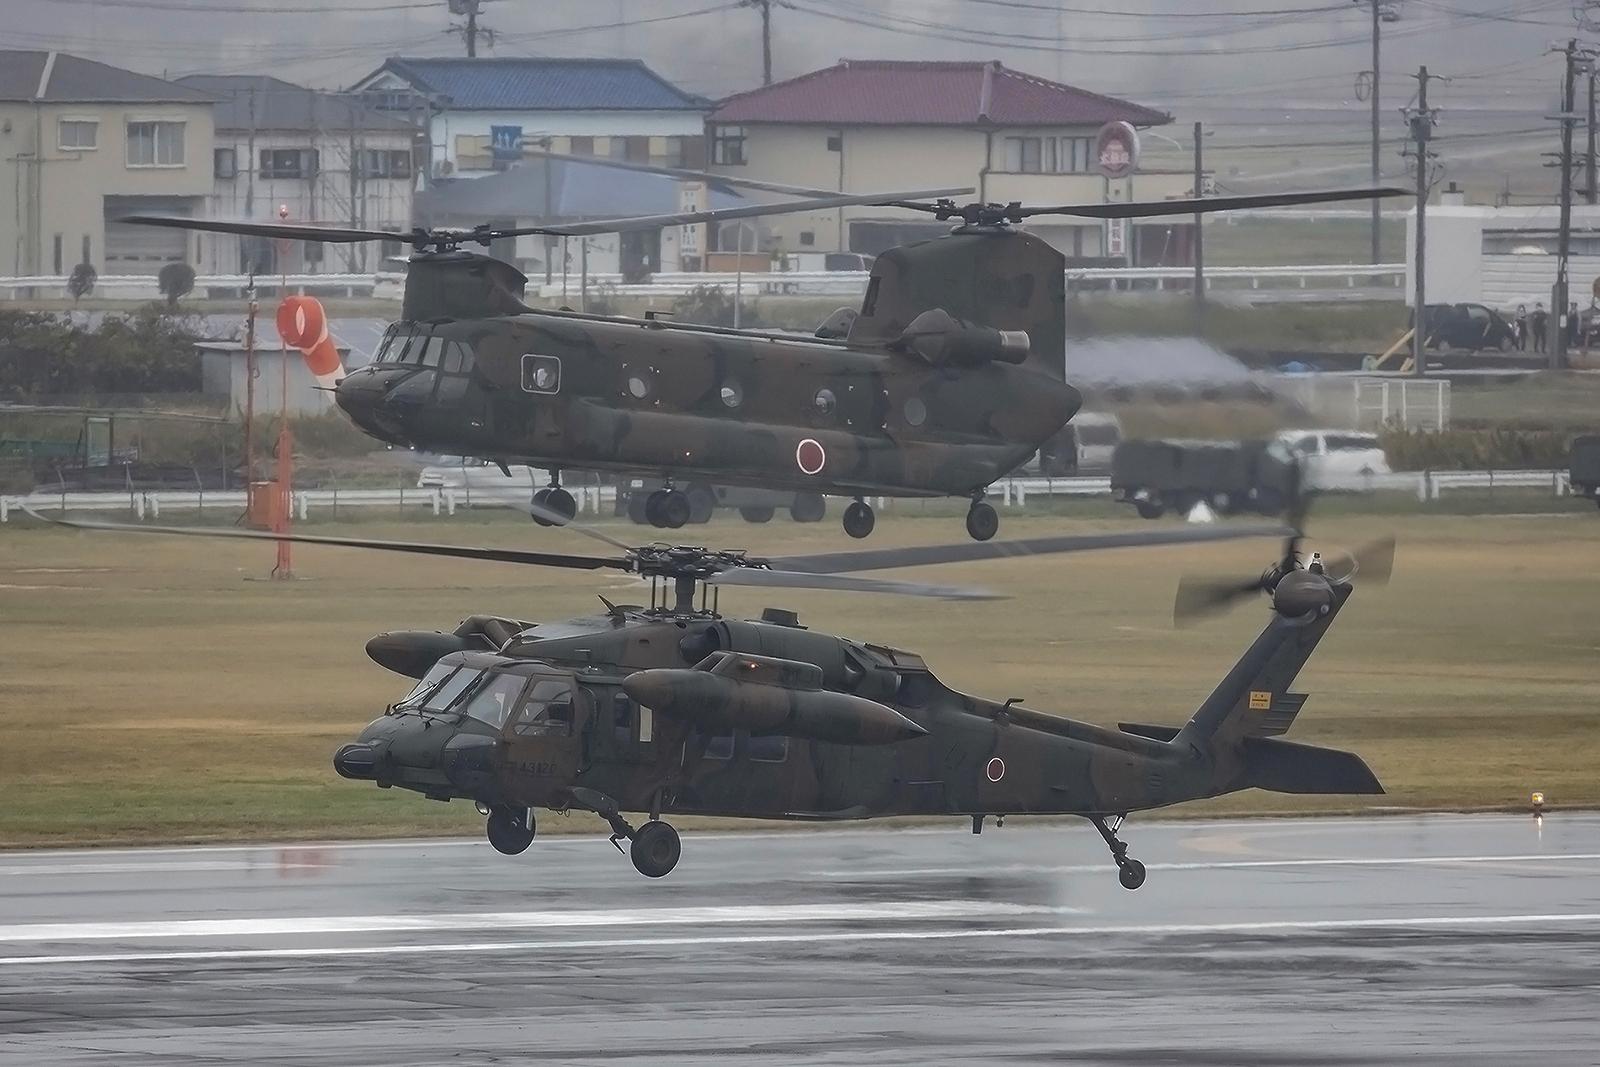 22 Hubschrauber heben synchron ab, was für eine Performance.